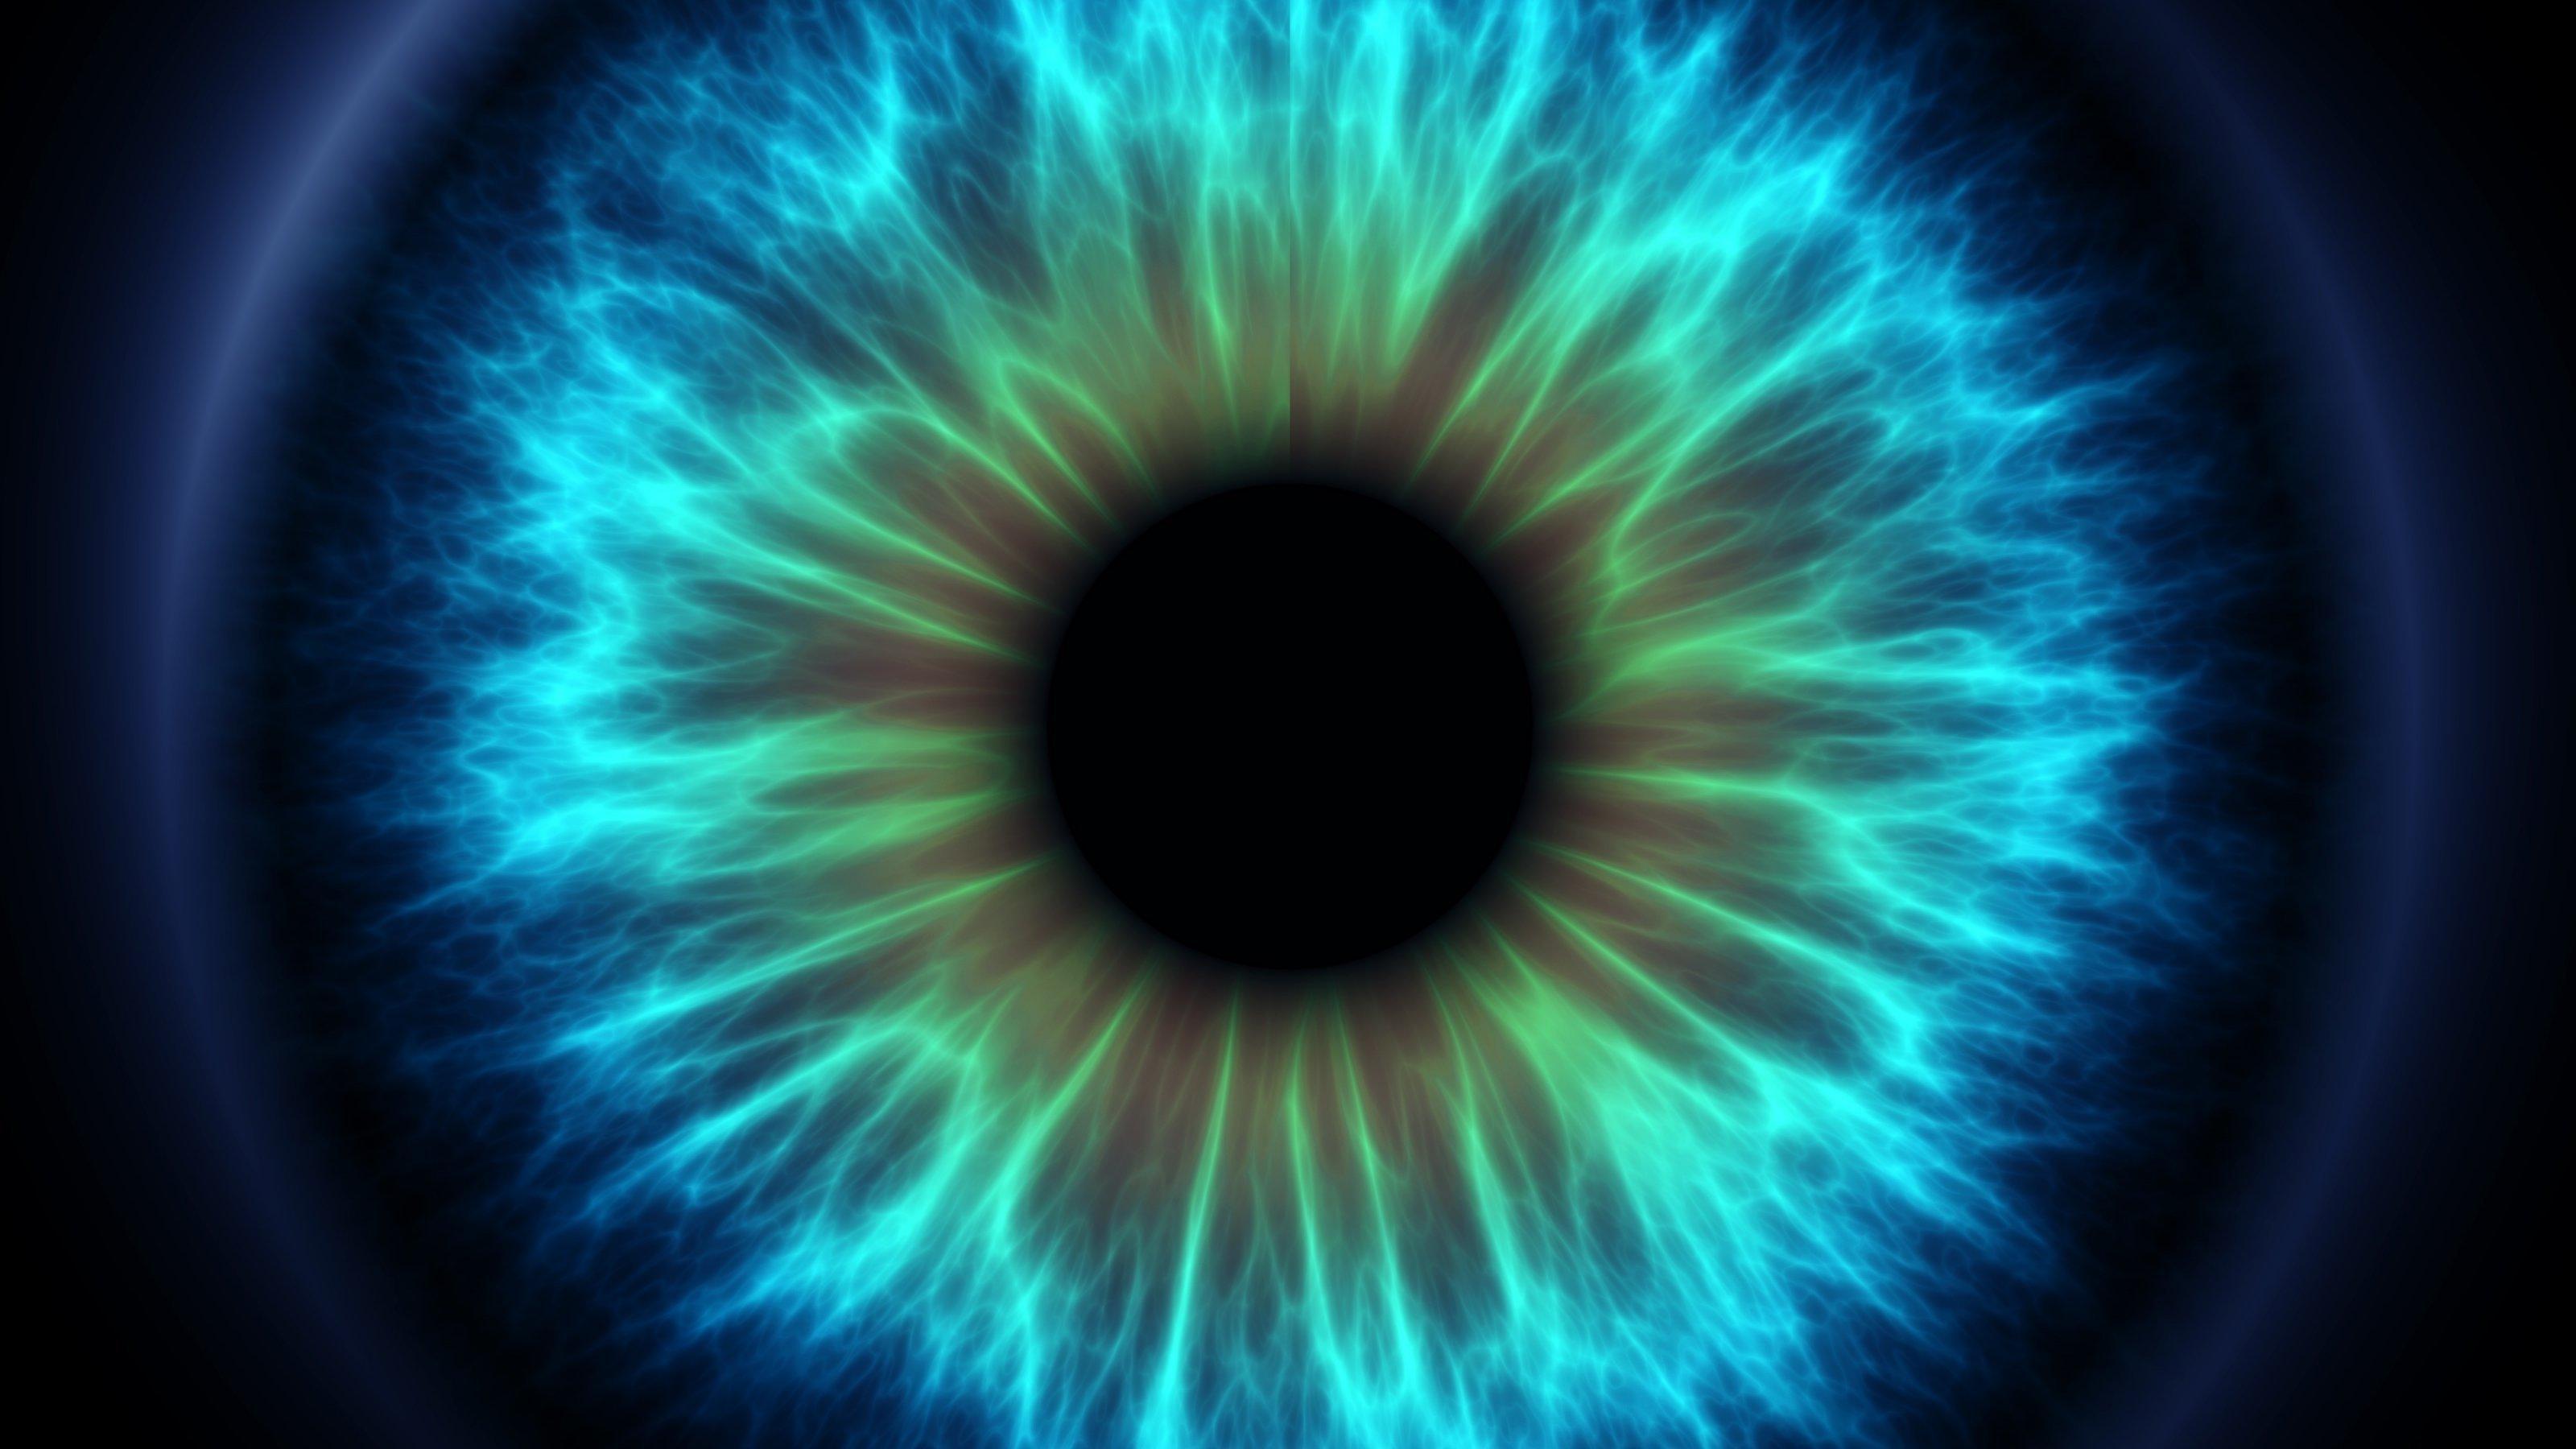 Ein menschliches Auge in Nahaufnahme, grafisch bearbeitet.